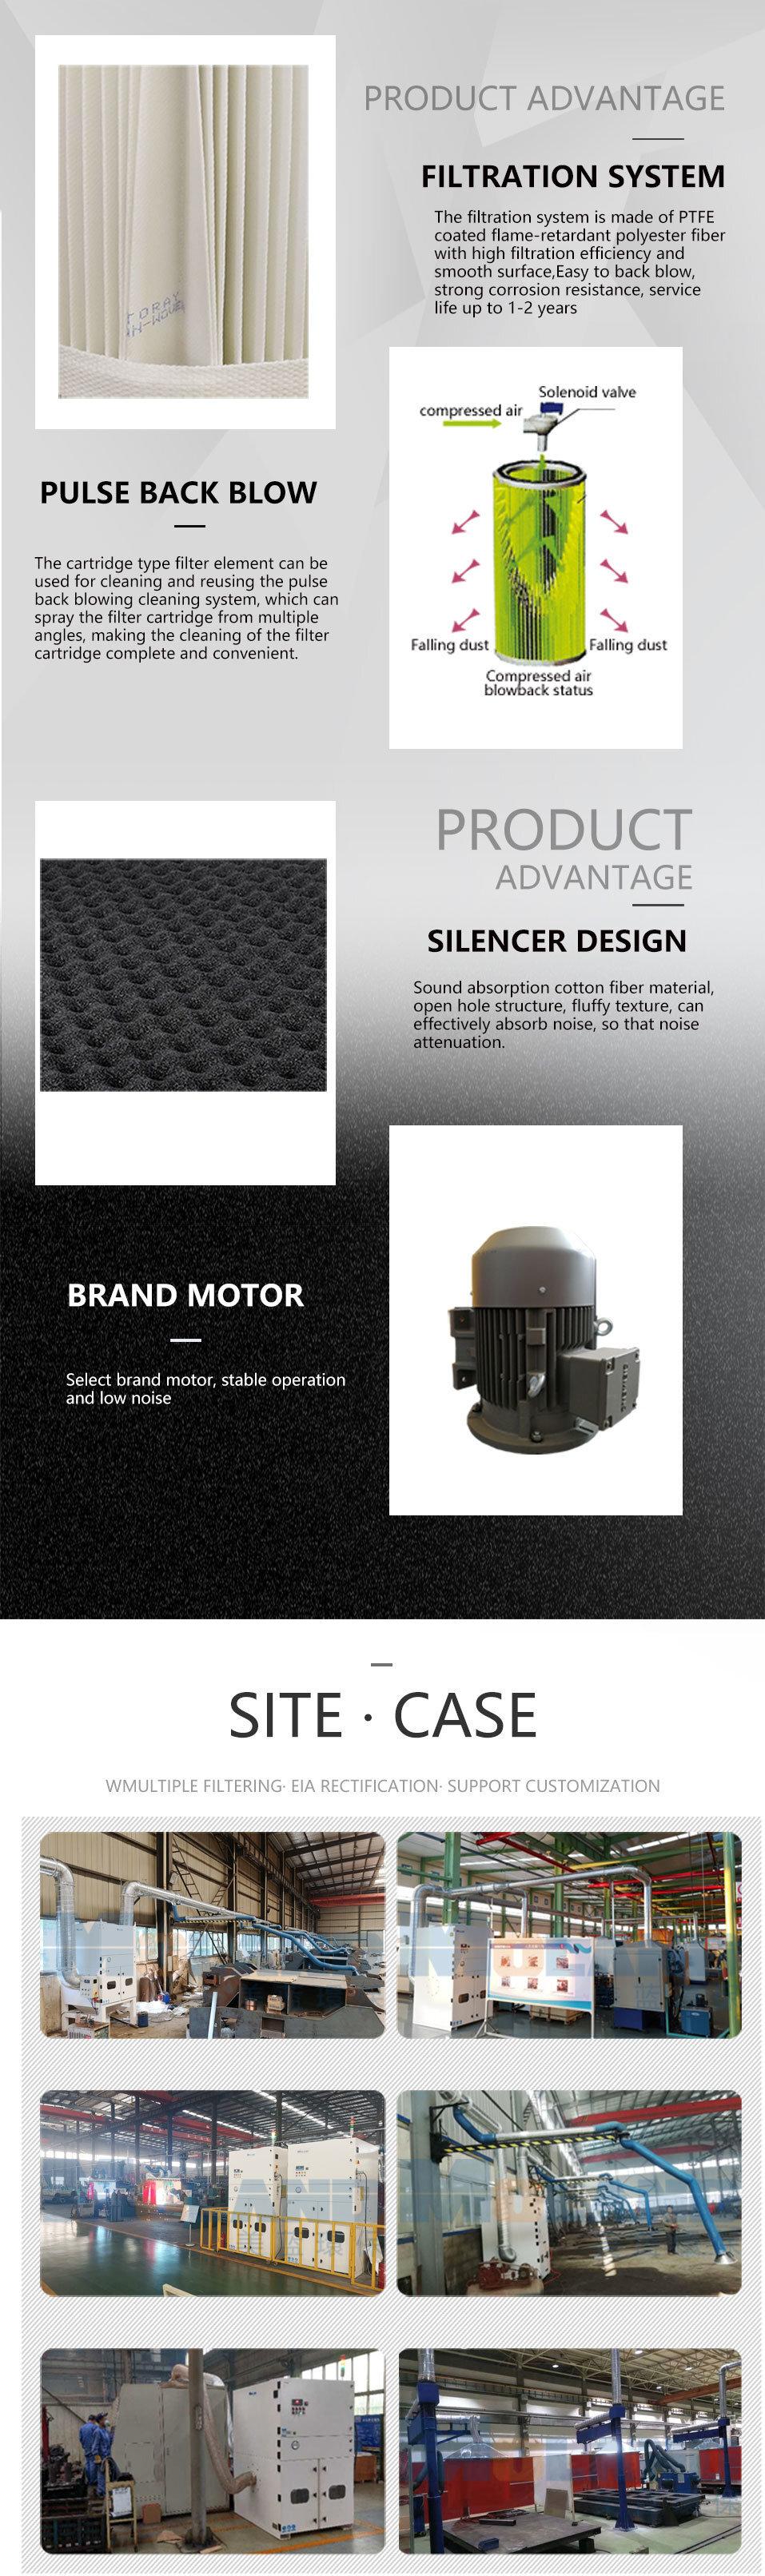 Автоматическая система очистки с обратной продувкой Дымовой фильтр Наплавка металлическим лаком для сбора пыли